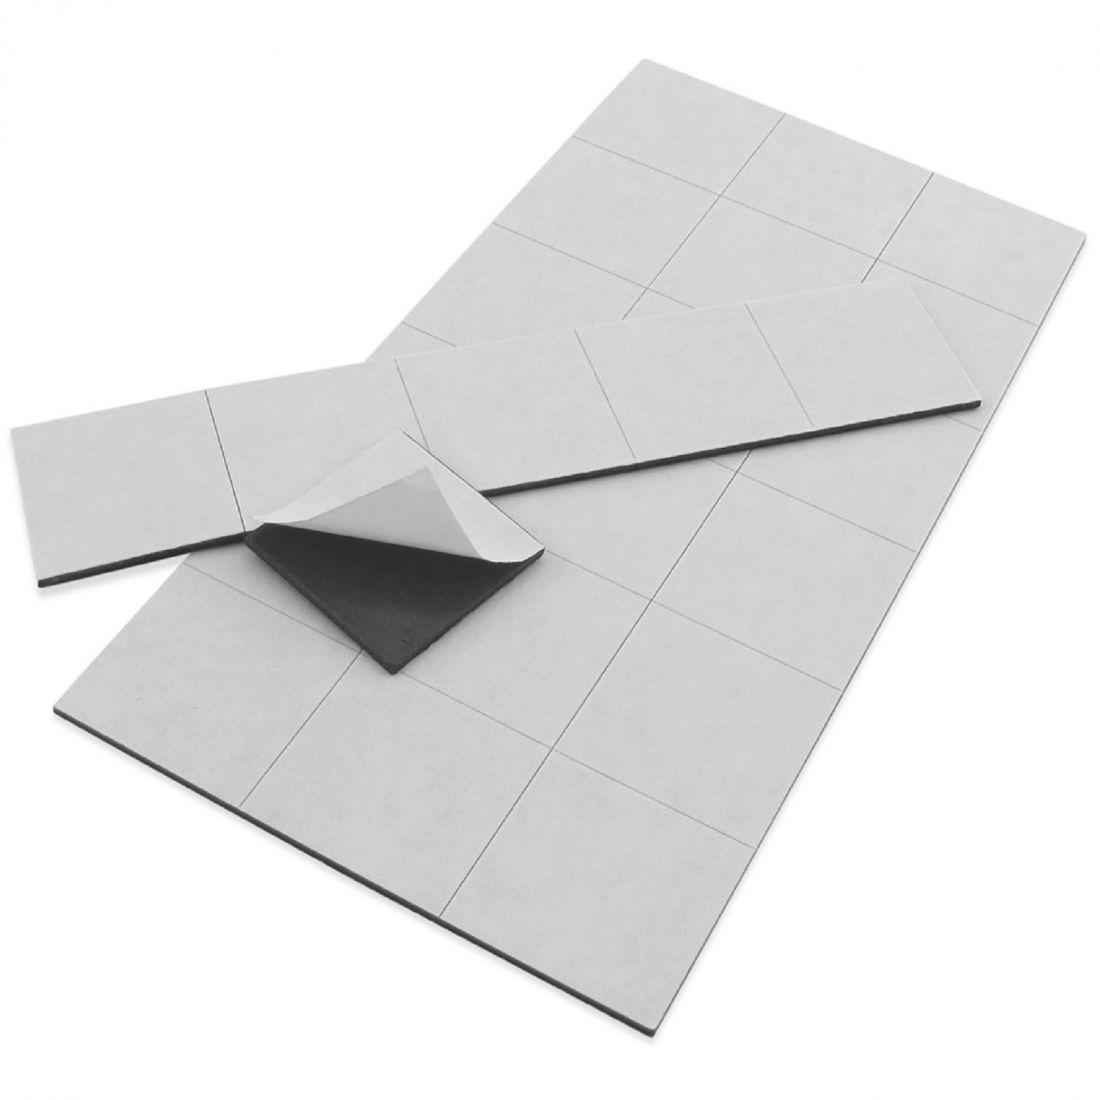 47.1 Öntapadó mágnesfólia (vágott) - 60x30mm